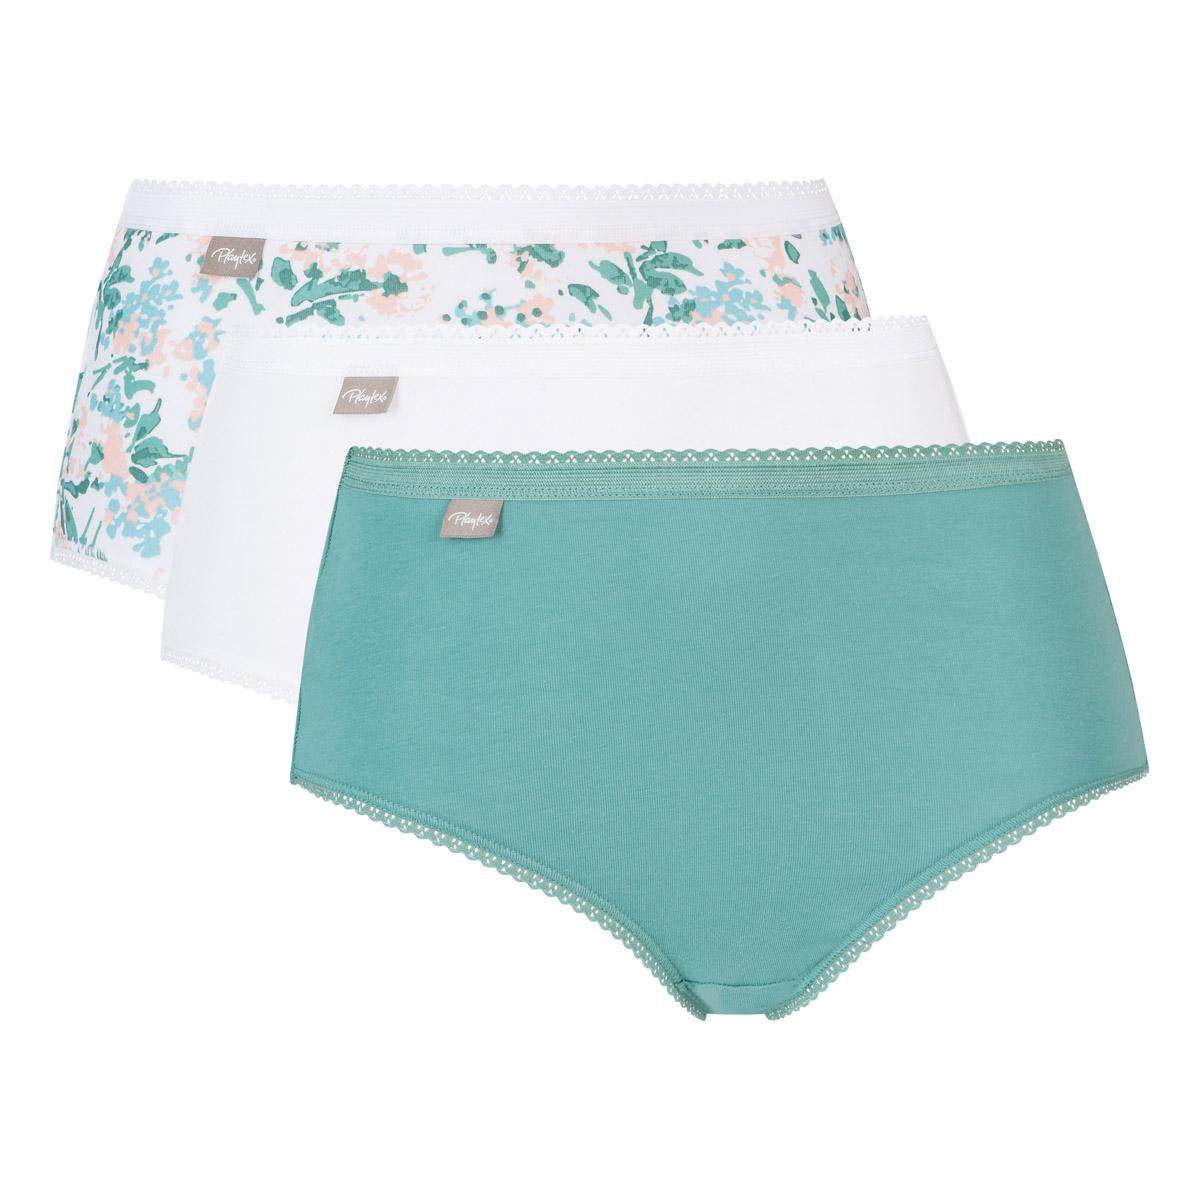 Lot de 3 culottes midi blanche, verte et imprimé fleurs Coton Stretch, , PLAYTEX